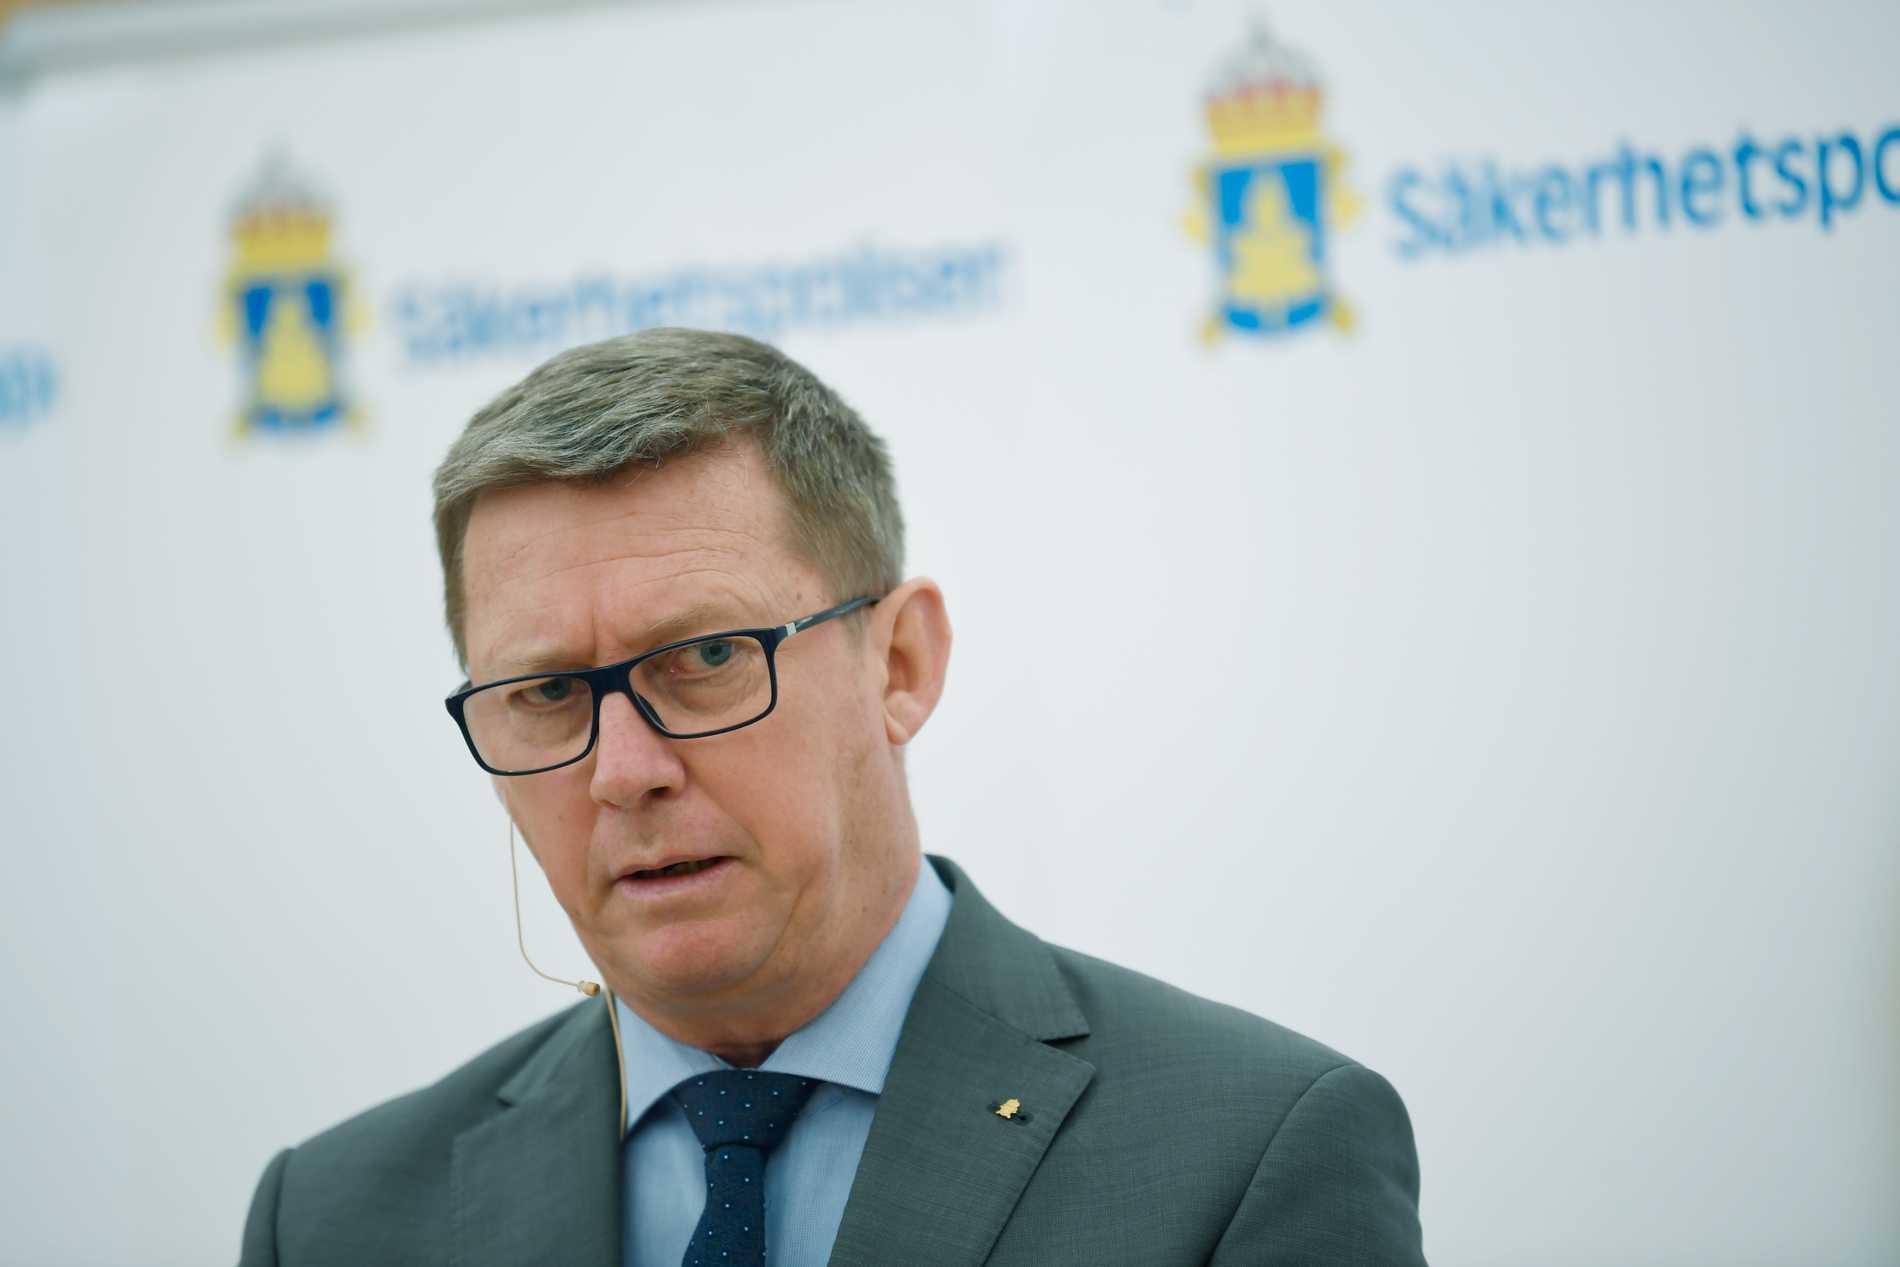 Säkerhetspolisens chef Klas Friberg vill att myndigheten ska kunna få läsa krypterade chattar. Arkivbild.